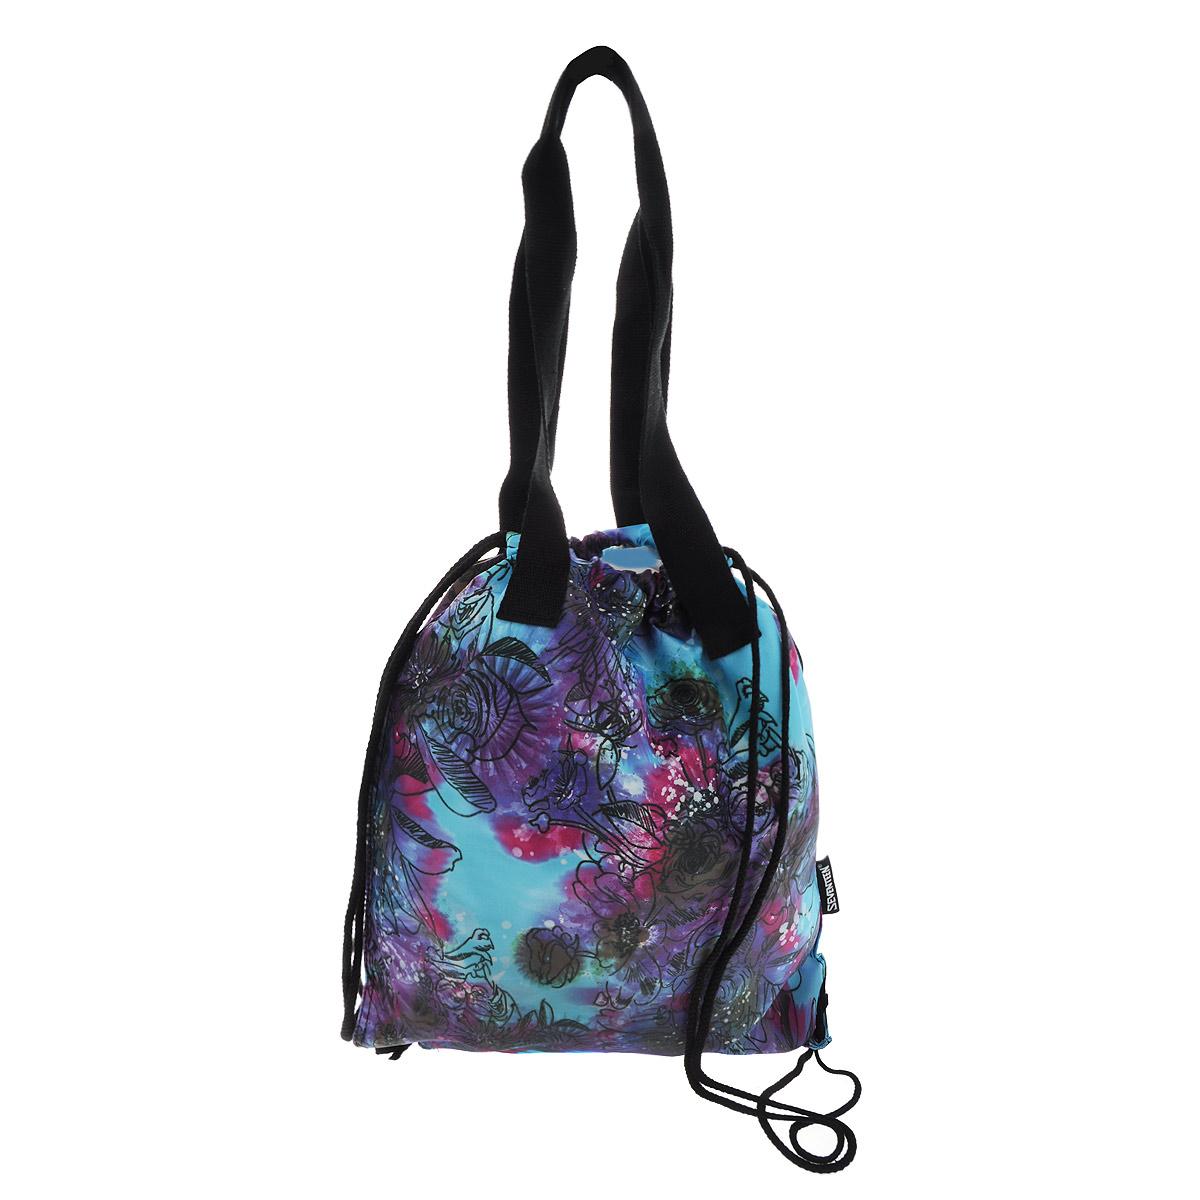 цена Seventeen Сумка-рюкзак для обуви с ручками цвет голубой SVCB-RT2-896 онлайн в 2017 году